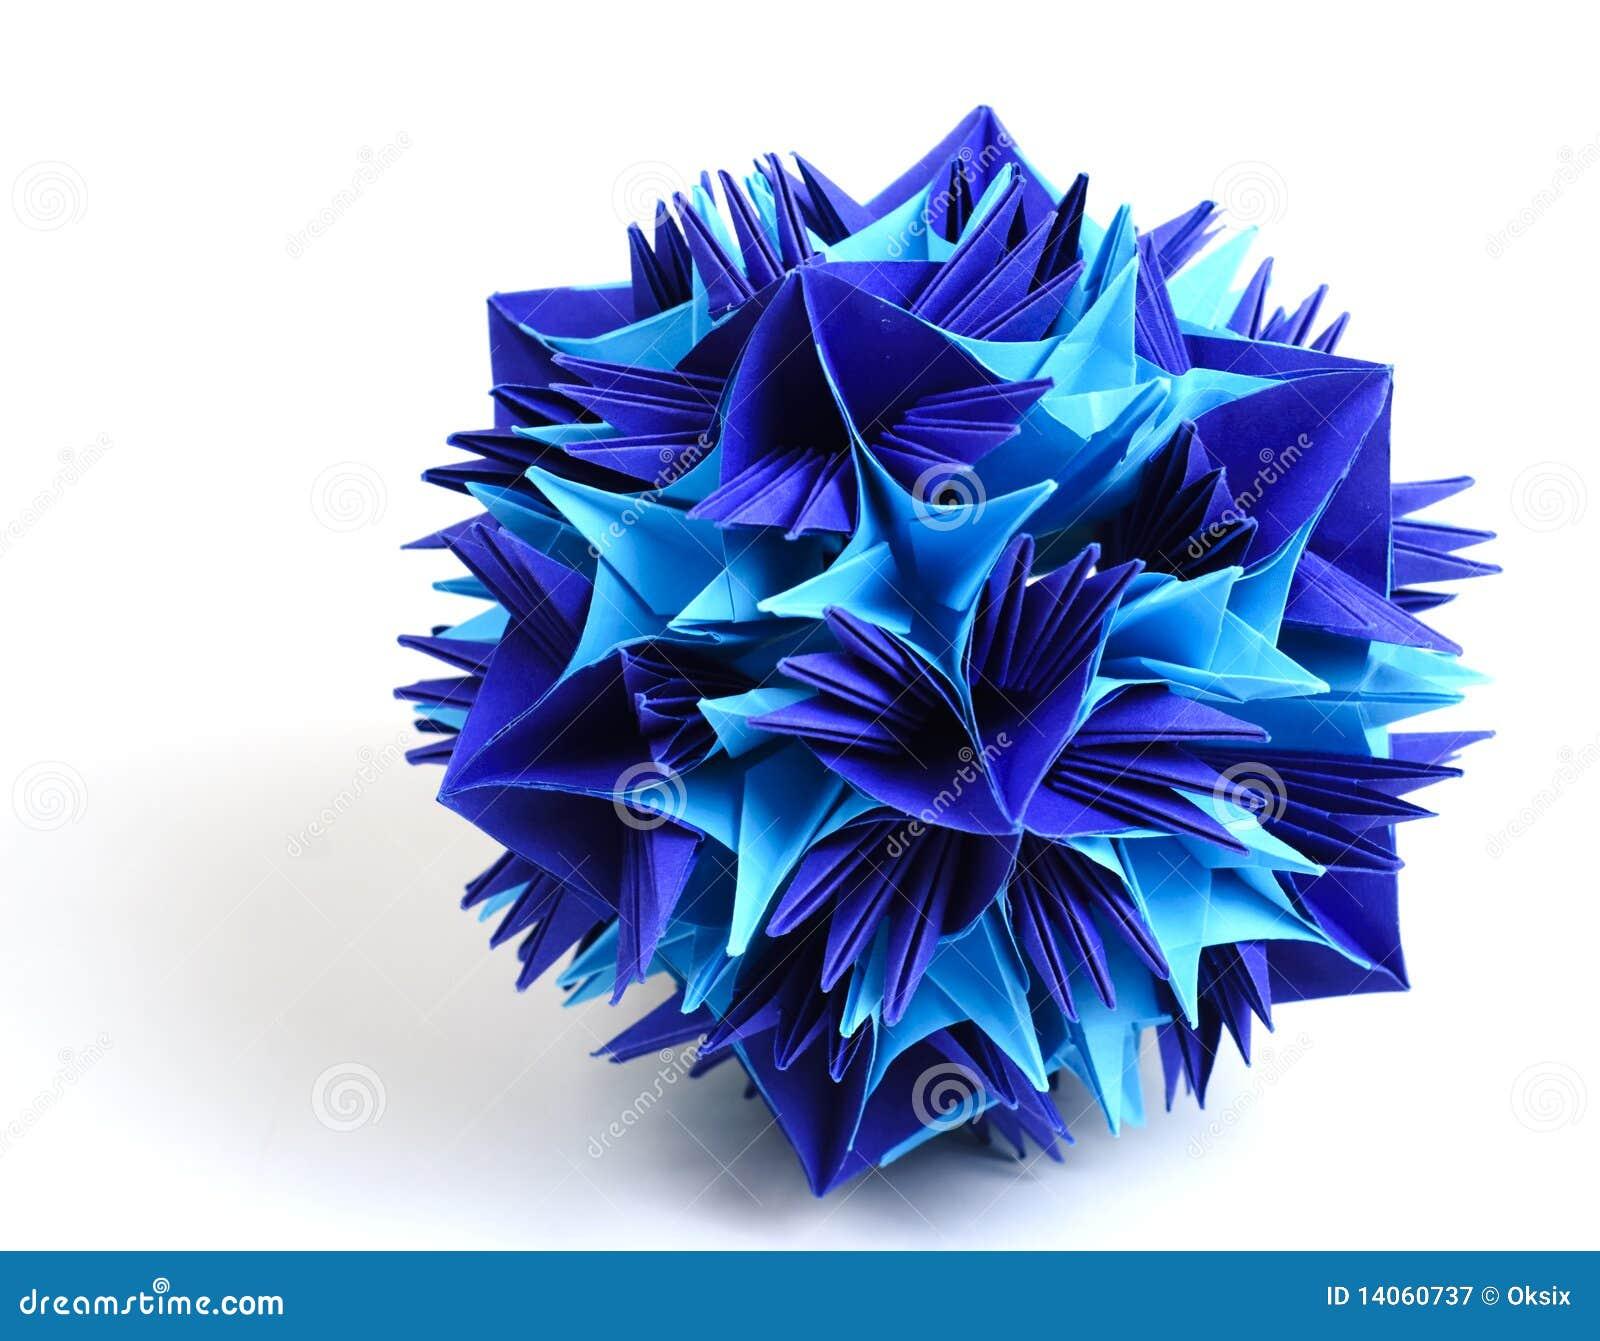 Origami kusudama snowflake stock image image of figure 14060737 origami kusudama snowflake jeuxipadfo Gallery